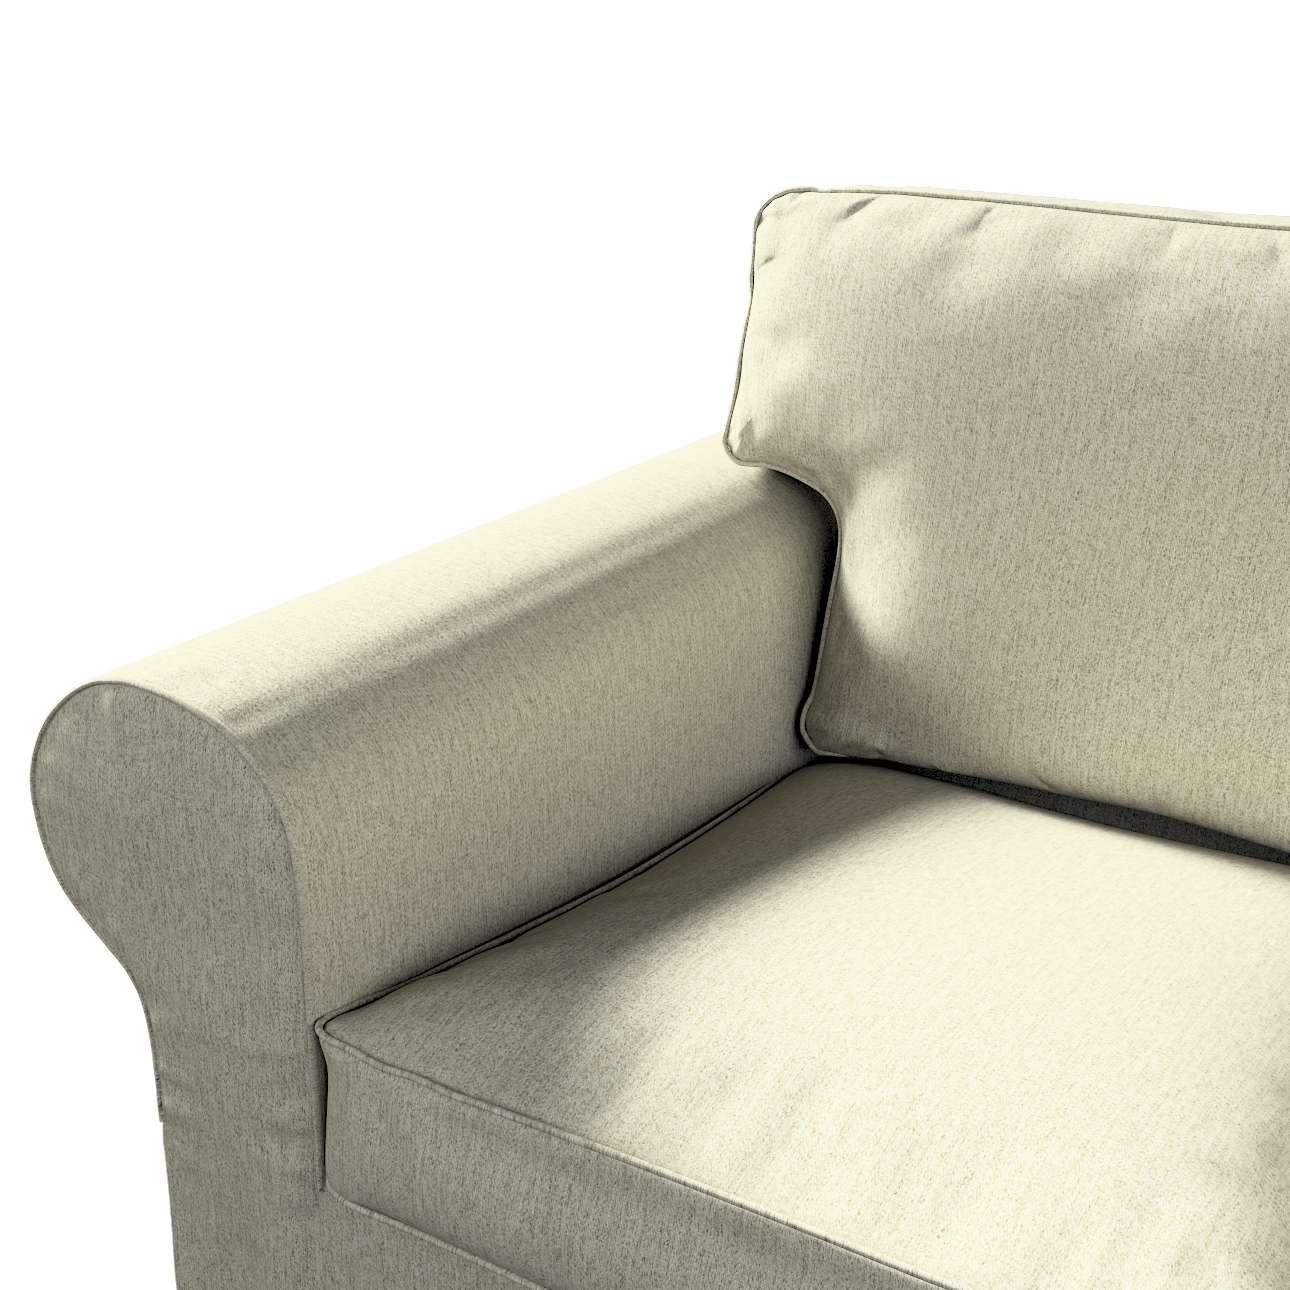 Pokrowiec na sofę Ektorp 2-osobową, rozkładaną, model do 2012 w kolekcji Living, tkanina: 161-62